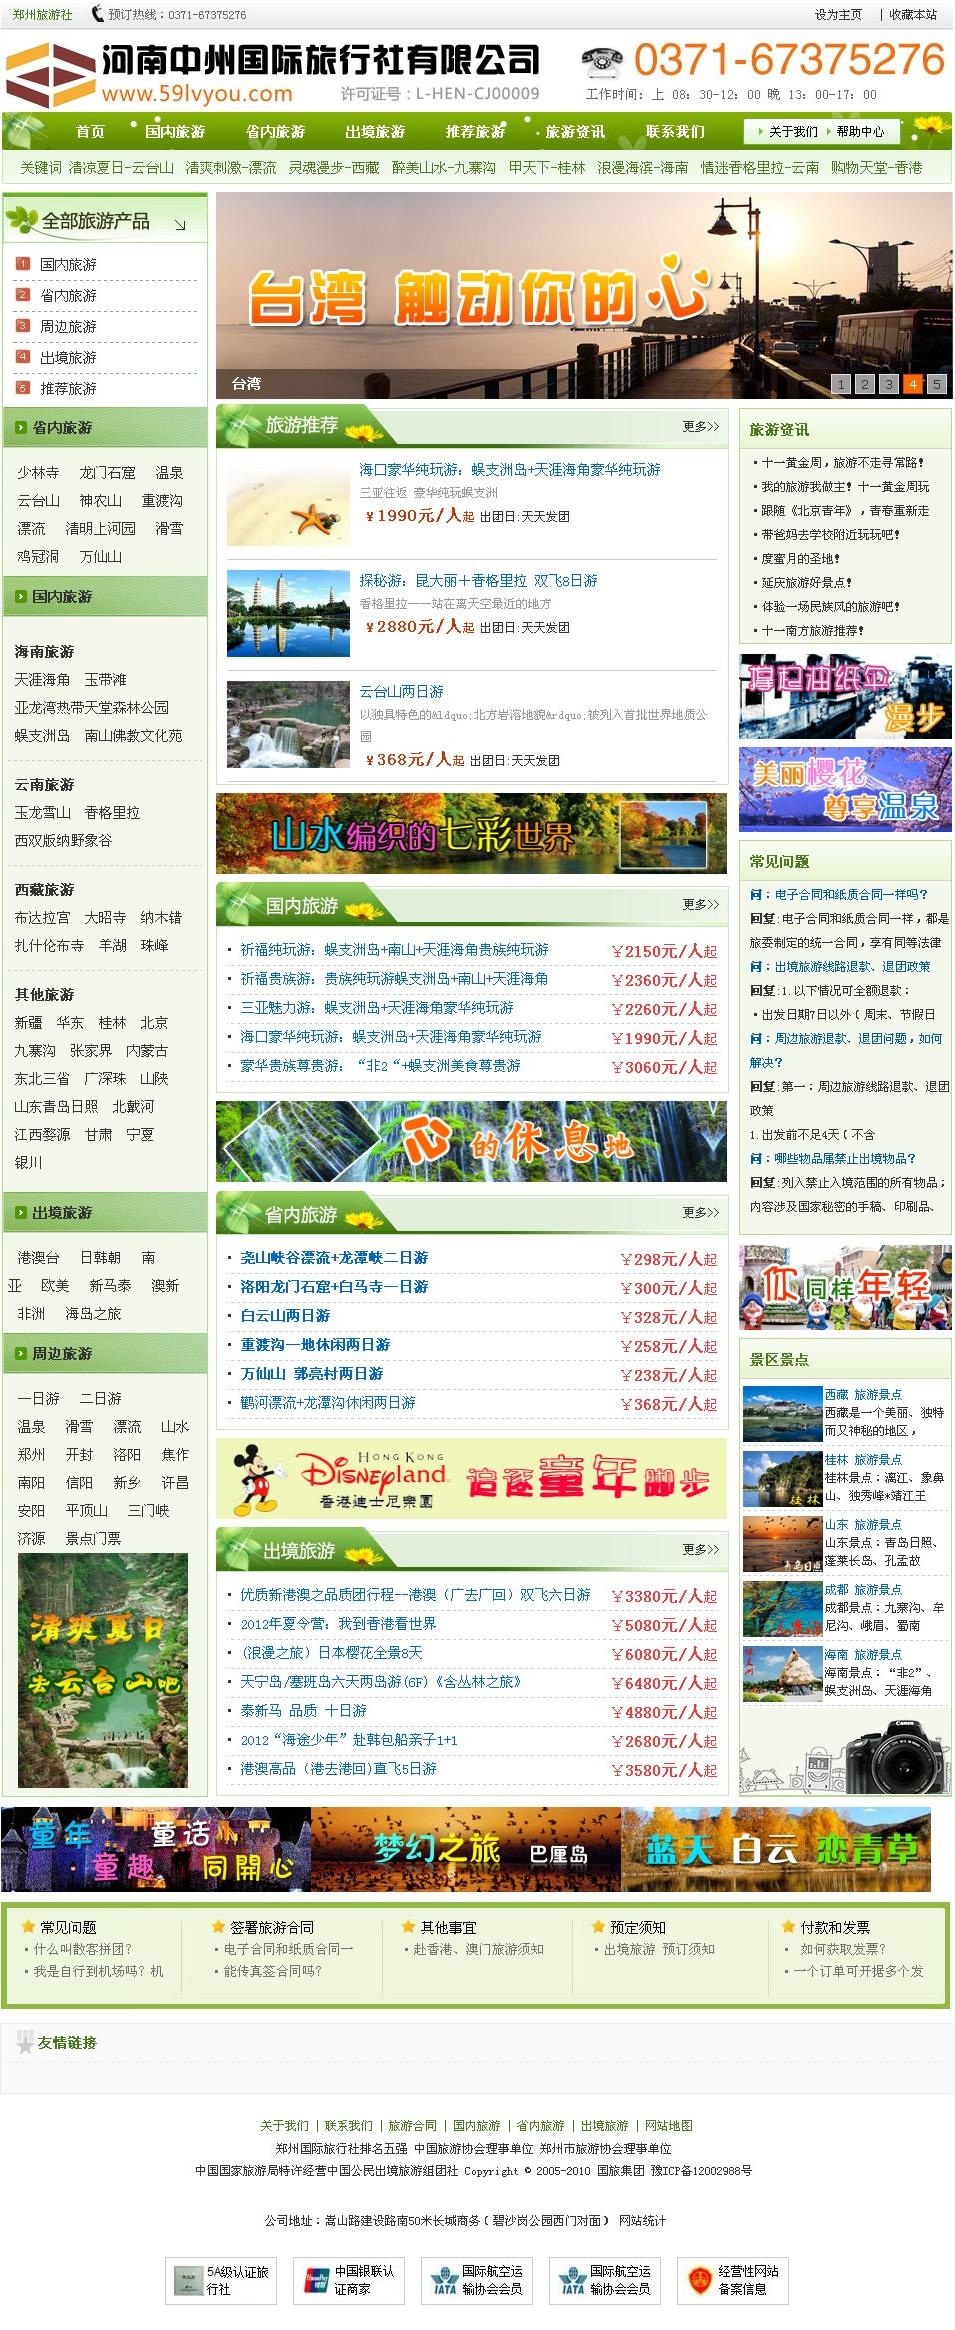 河南中州国际旅行社.jpg